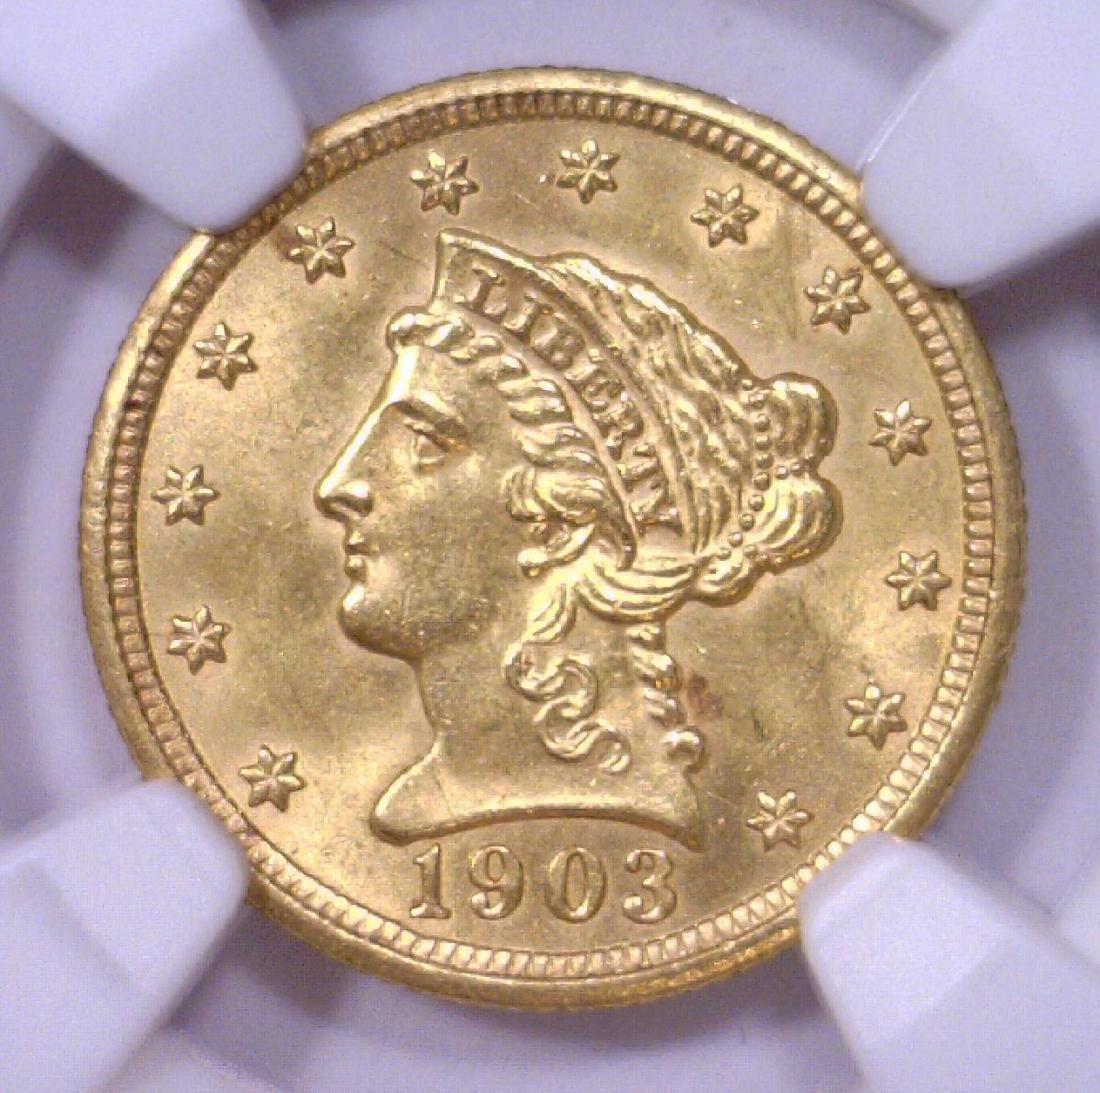 1903 $2.5 Gold Quarter Eagle NGC UNC details R/S